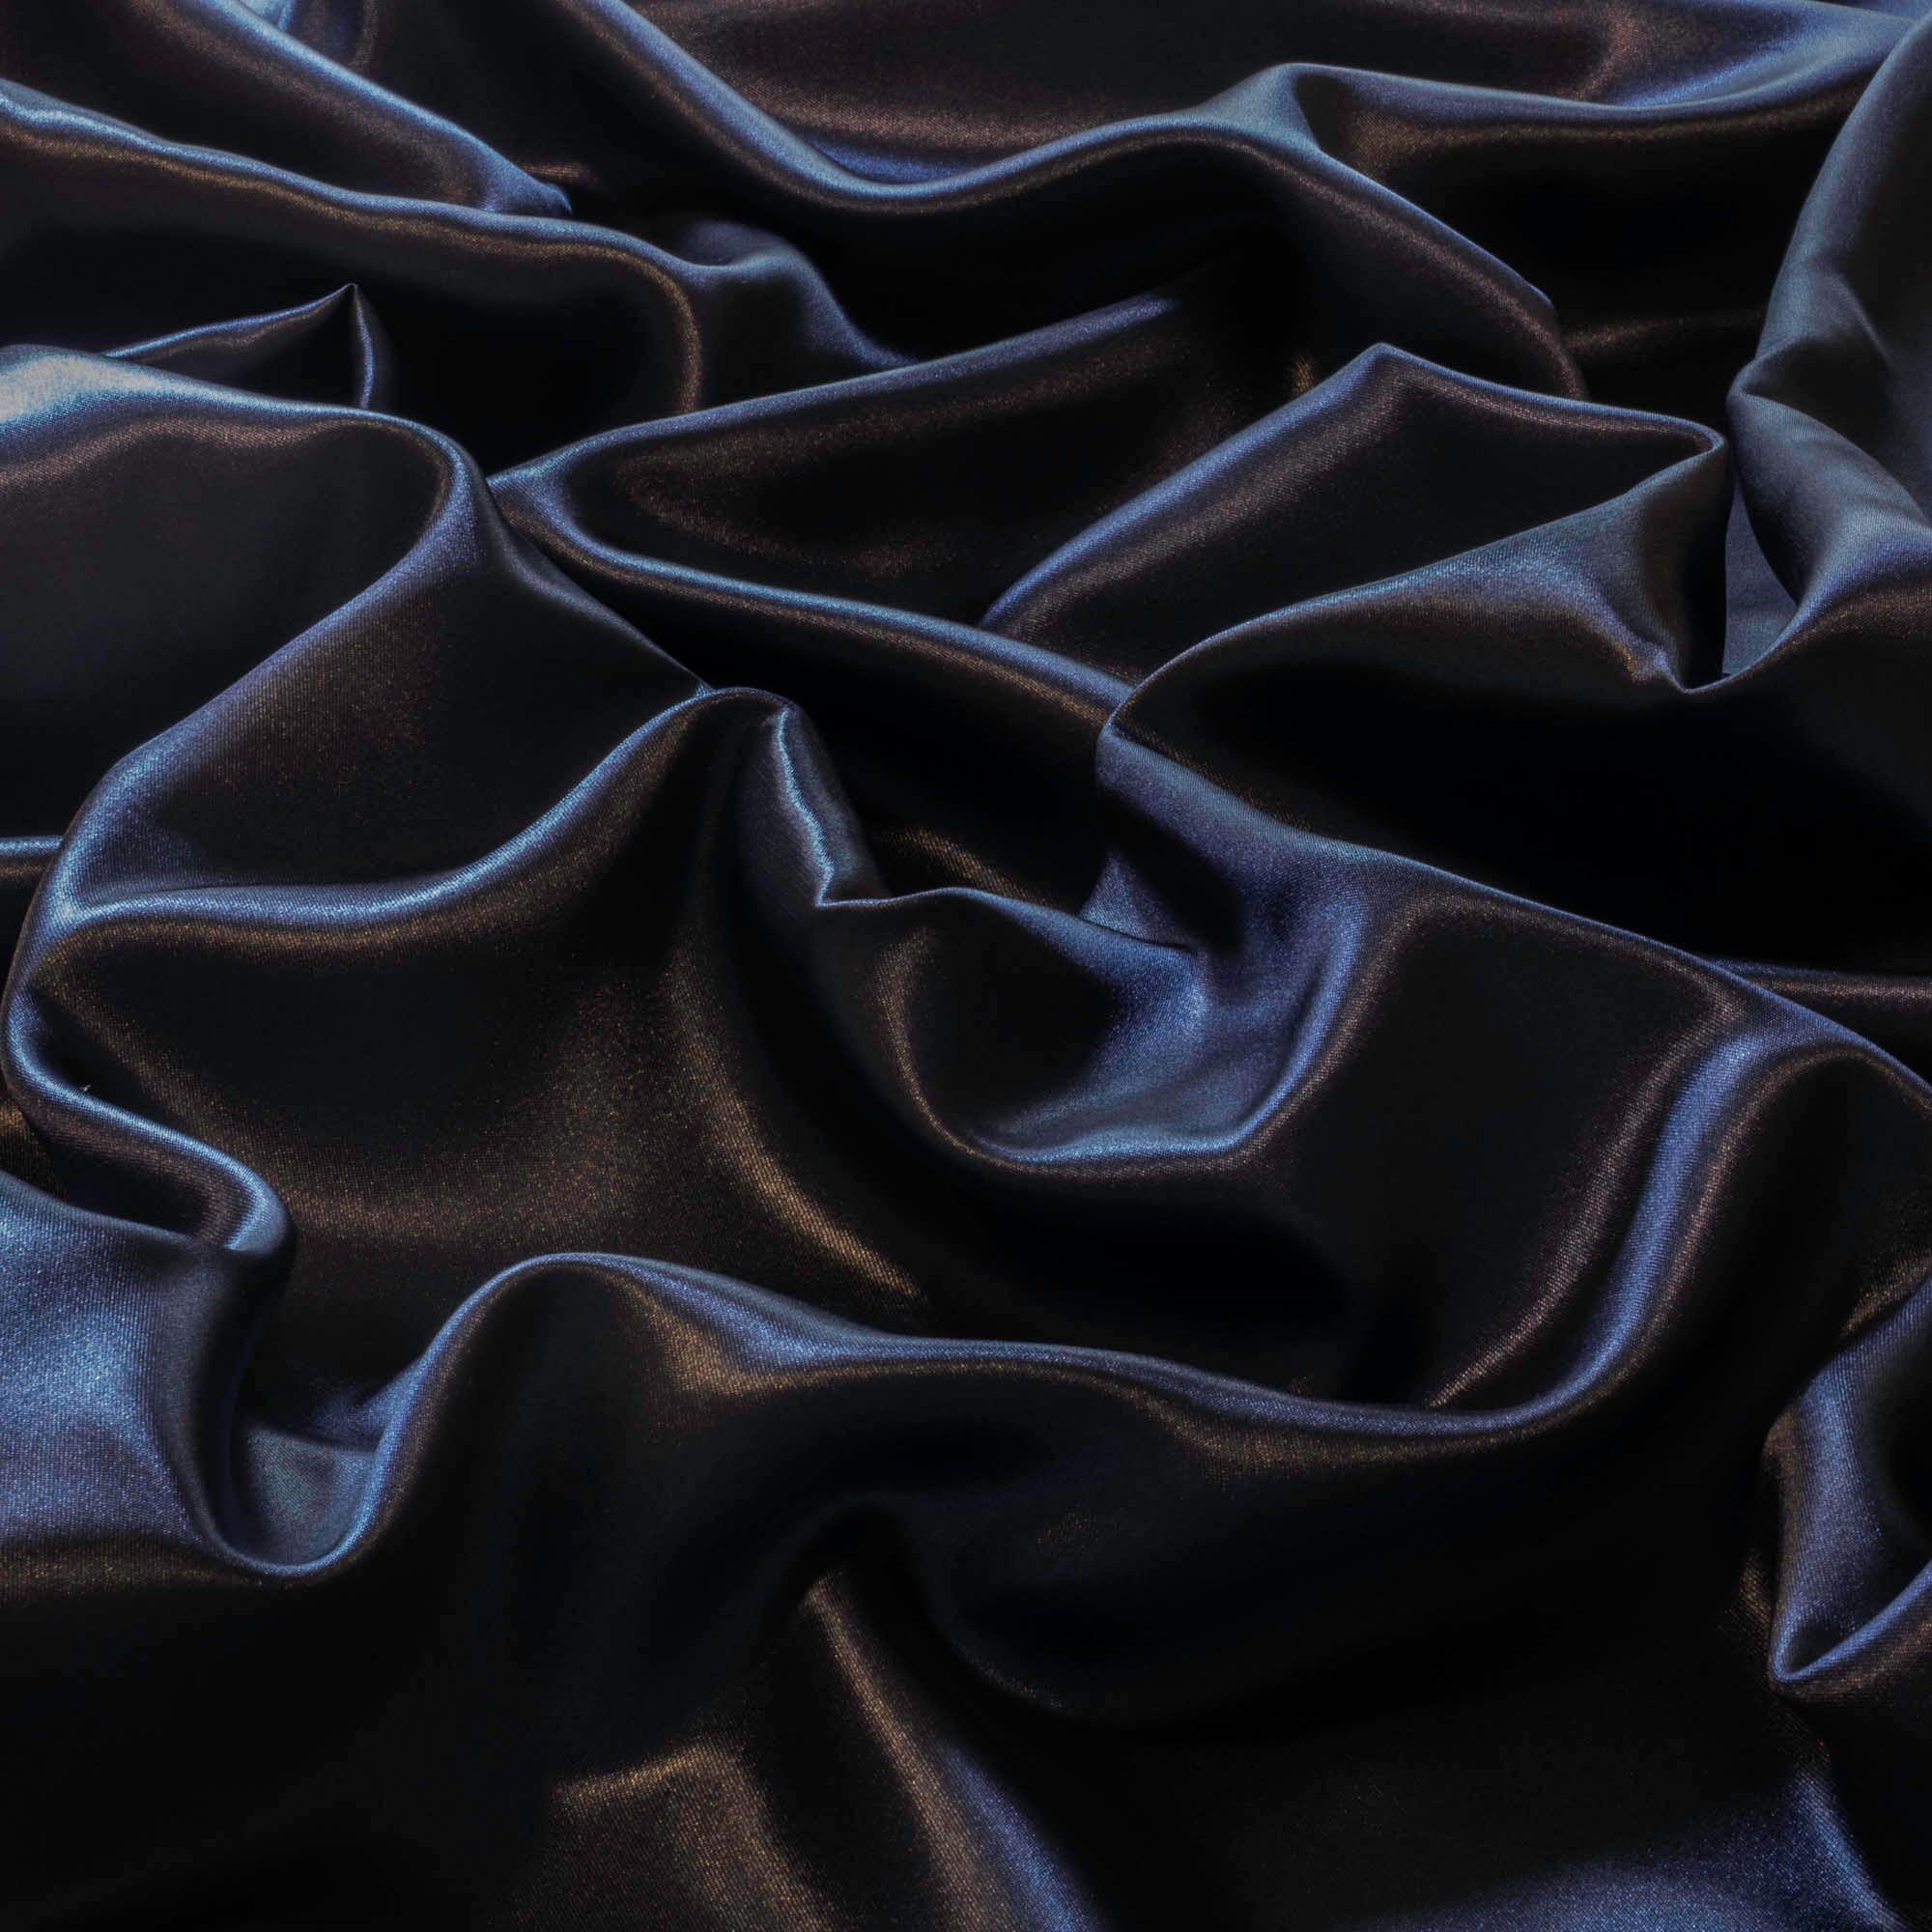 Tecido Cetim Charmeuse Azul Marinho 100% Poliester 1,40 m Largura